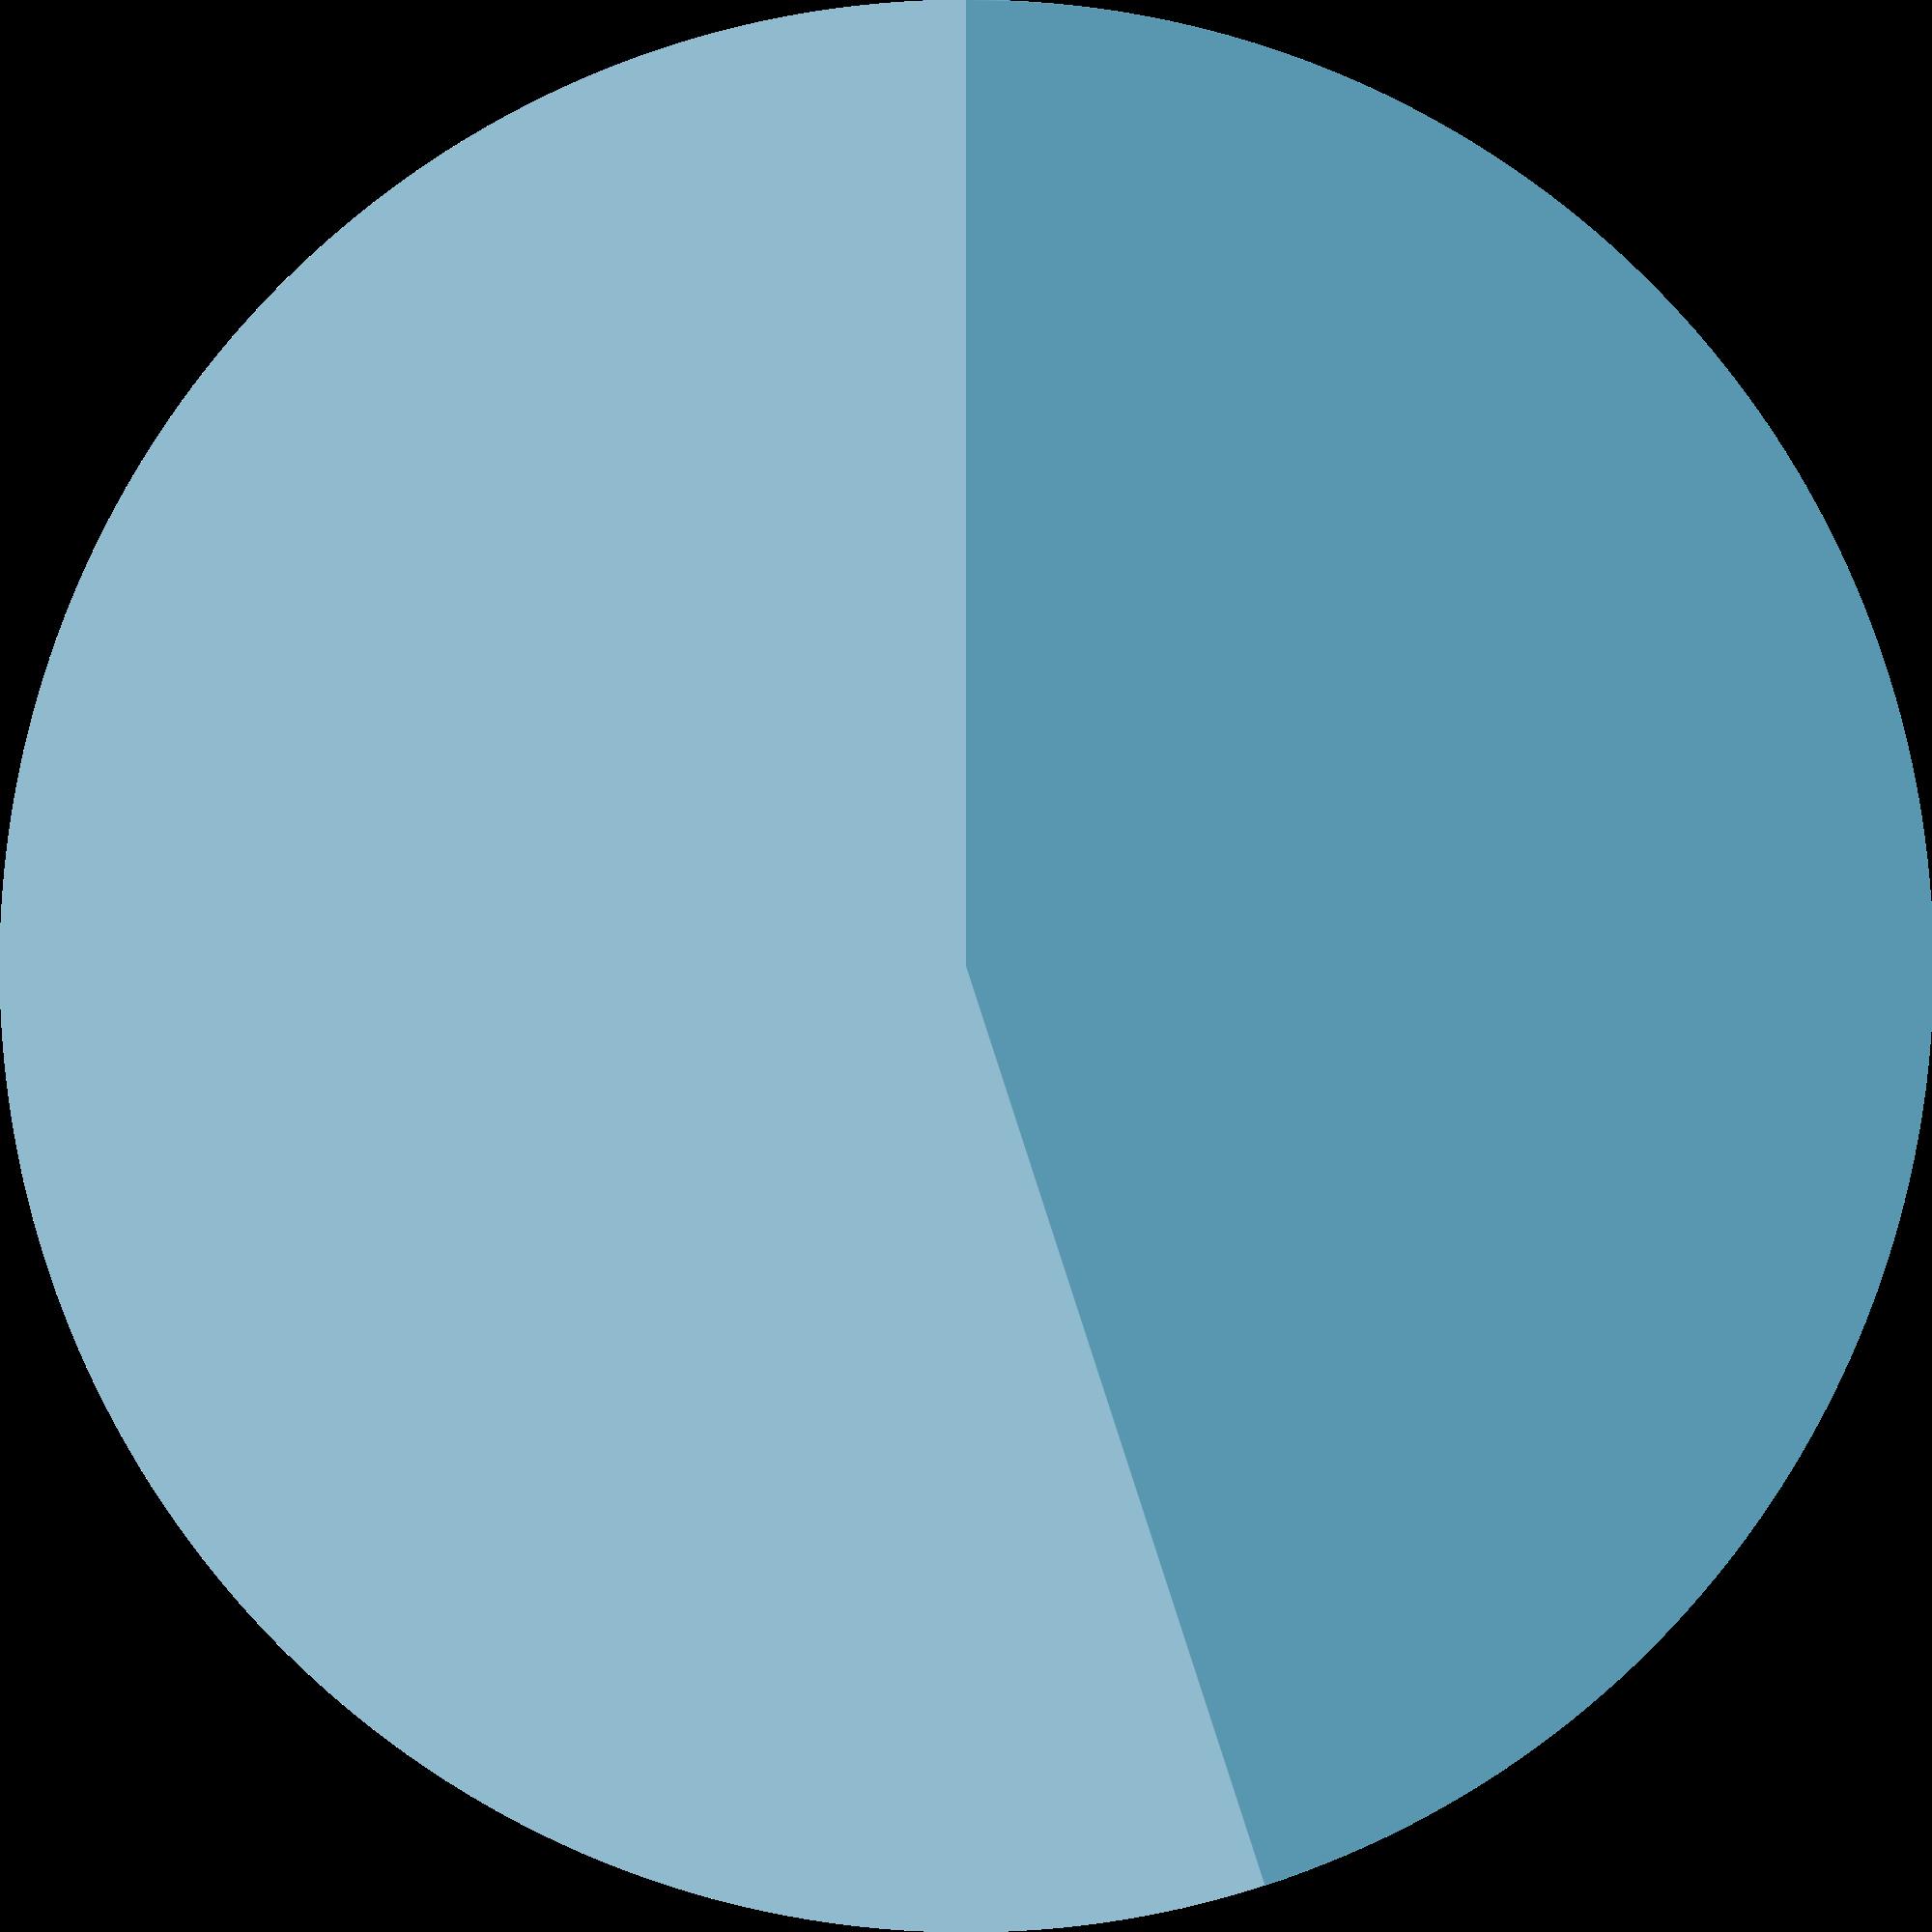 Markt für Reisnudeln nach Schlüsselakteuren, Wachstumsfaktoren, Regionen und Anwendungen, Industrieprognose bis 2023